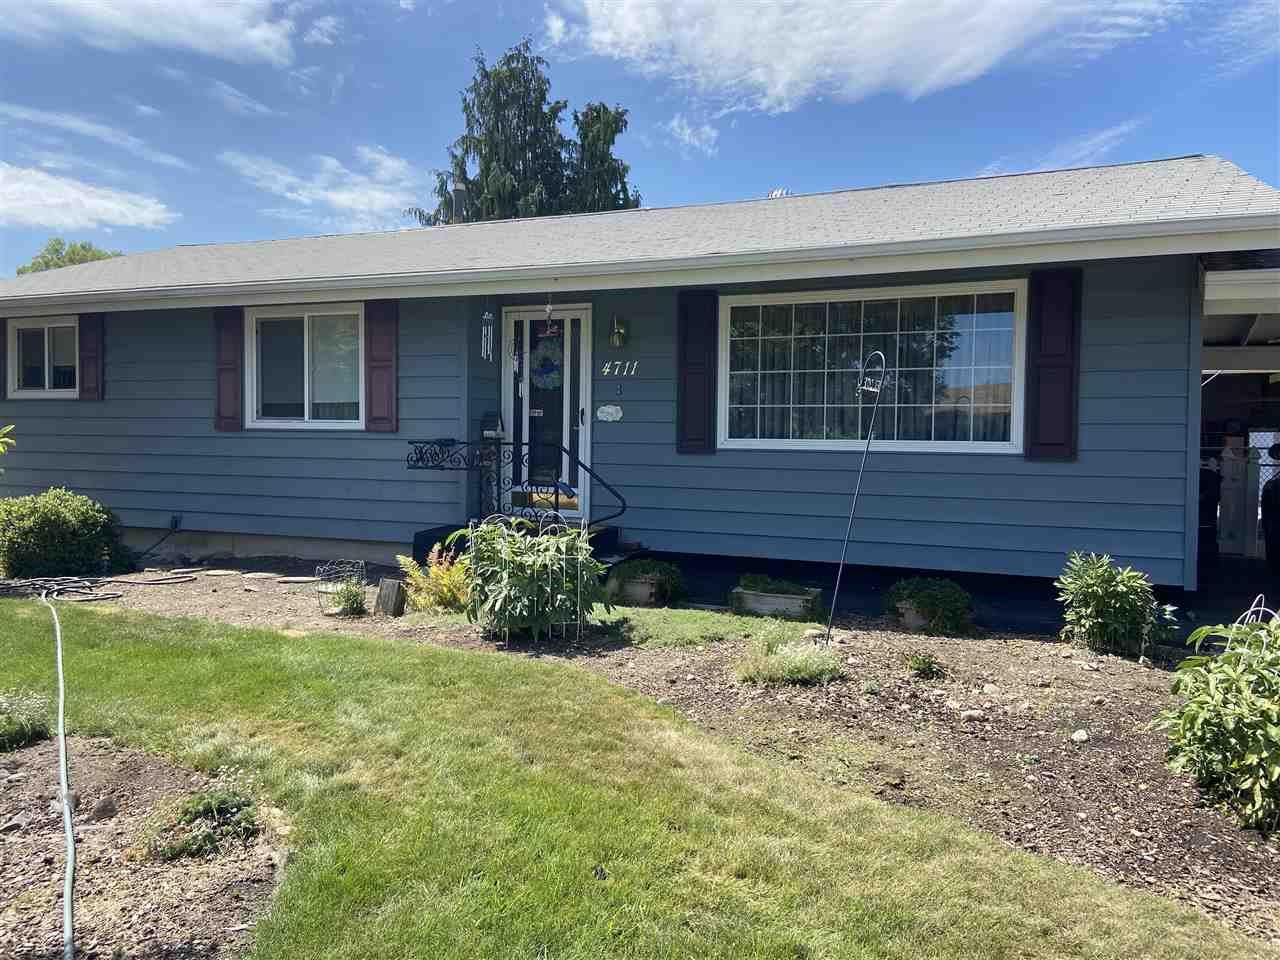 4711 N Mayhew Rd, Spokane Valley, WA 99216 - #: 202020340